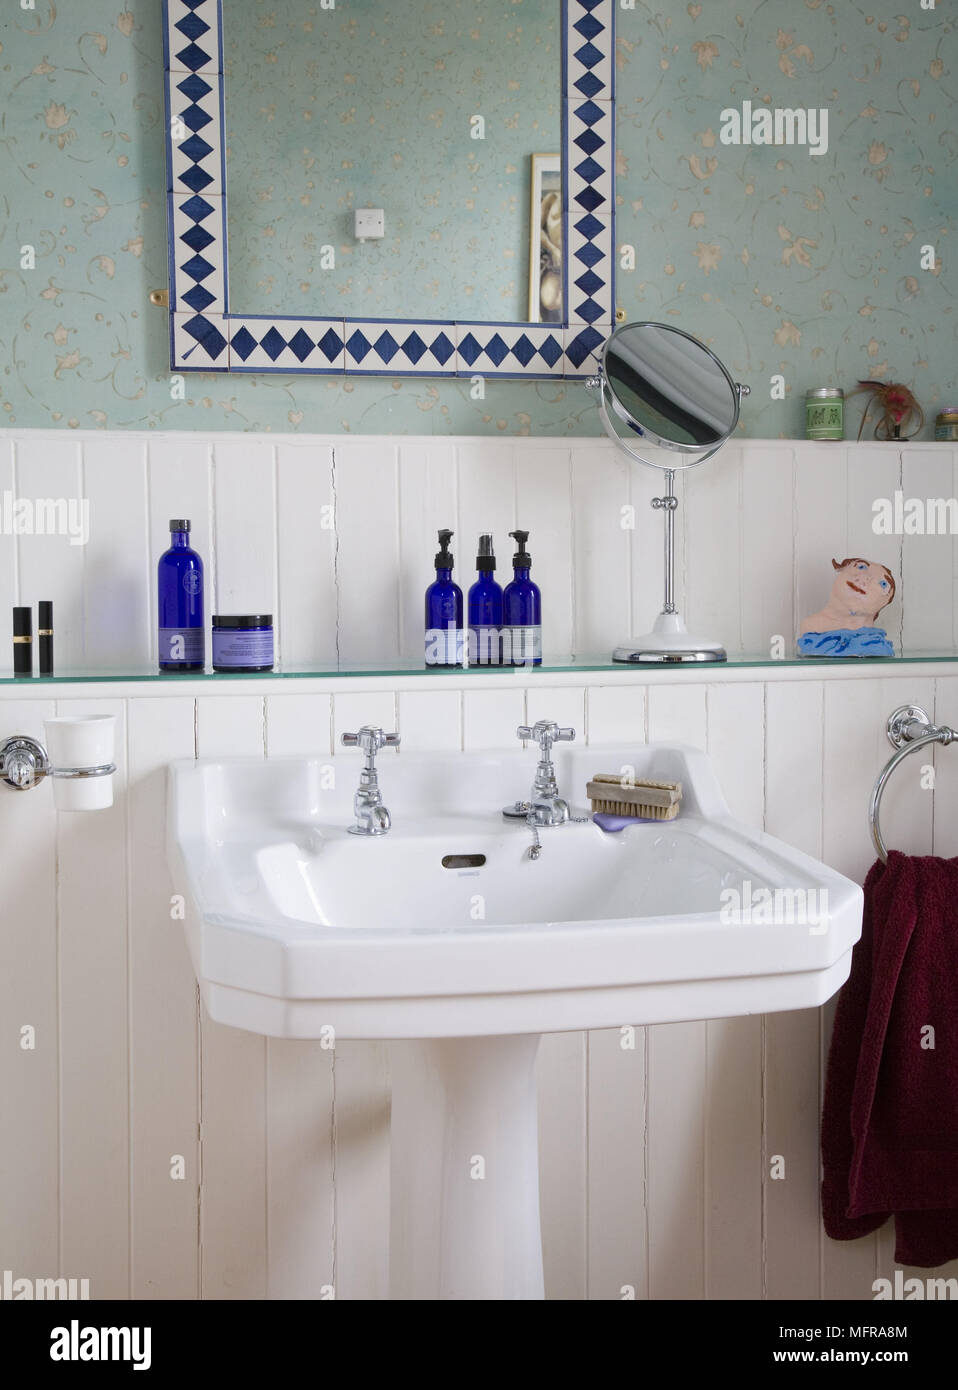 Faience Coloree Salle De Bain ~ Toilette Gratuits Sur Tag Re En Verre Au Dessus Du Lavabo Sur